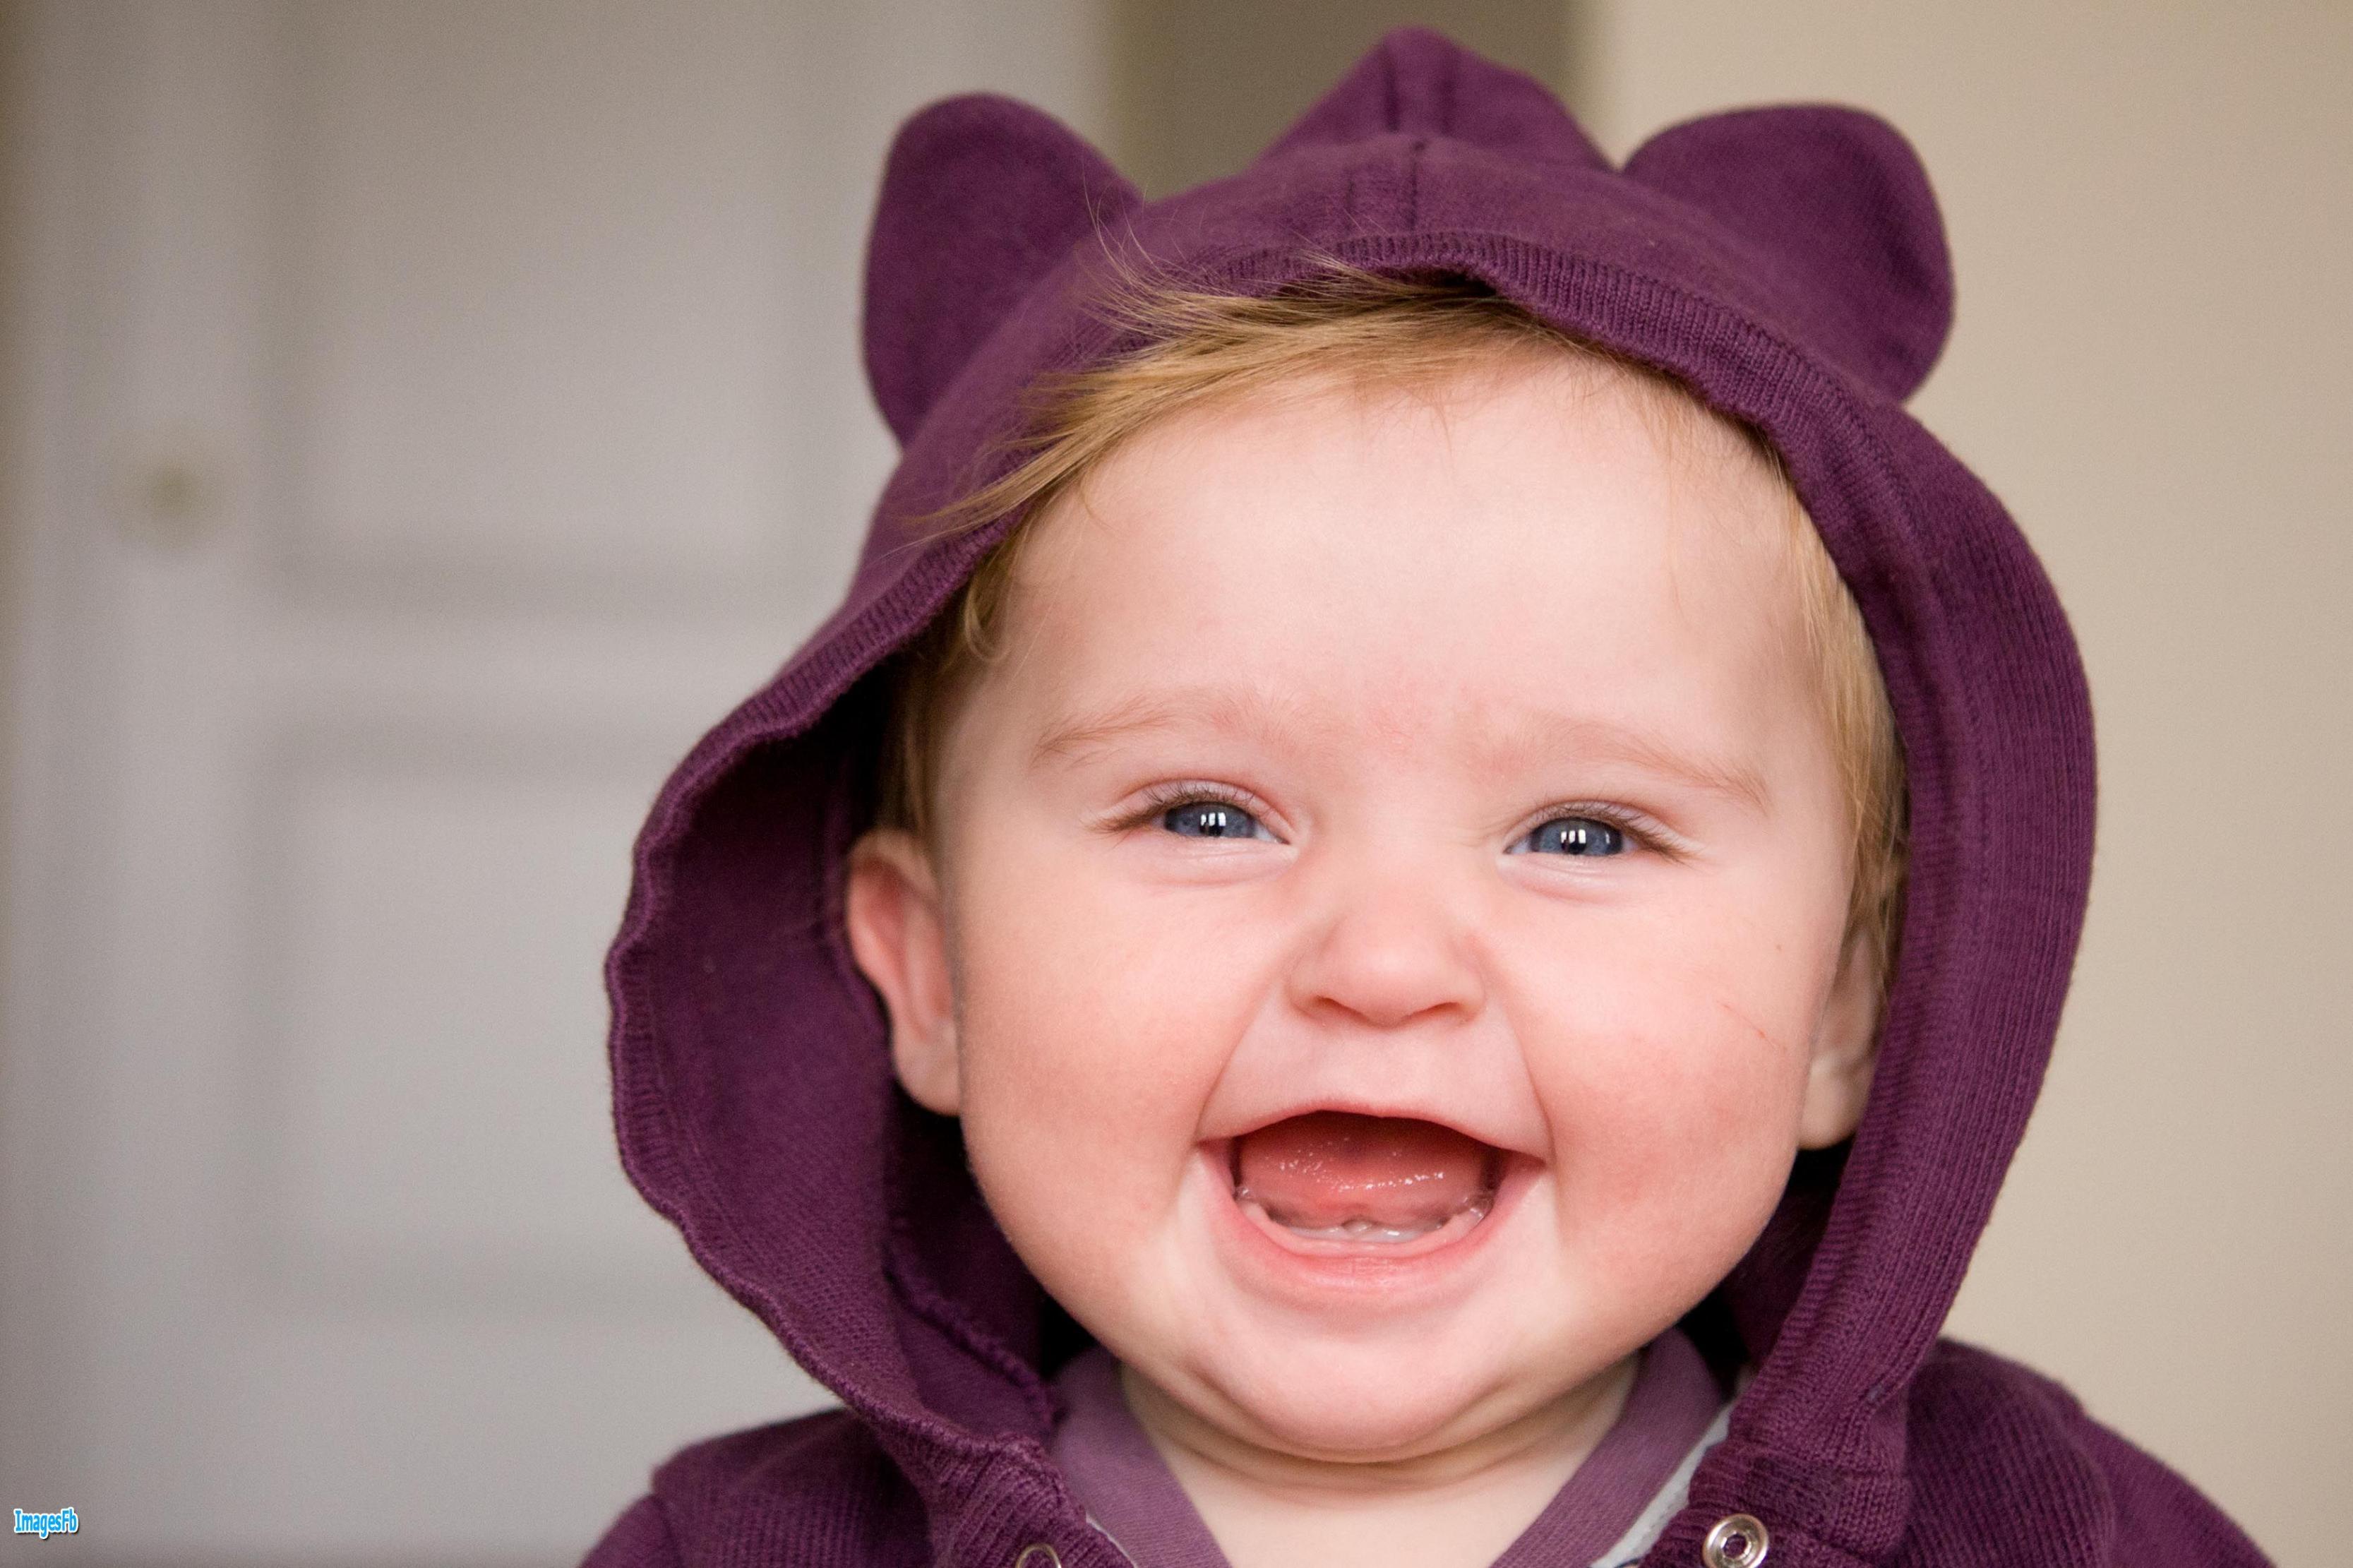 صورة خلفيات اطفال متحركة , اجمل واحدث صور الاطفال المضحكة